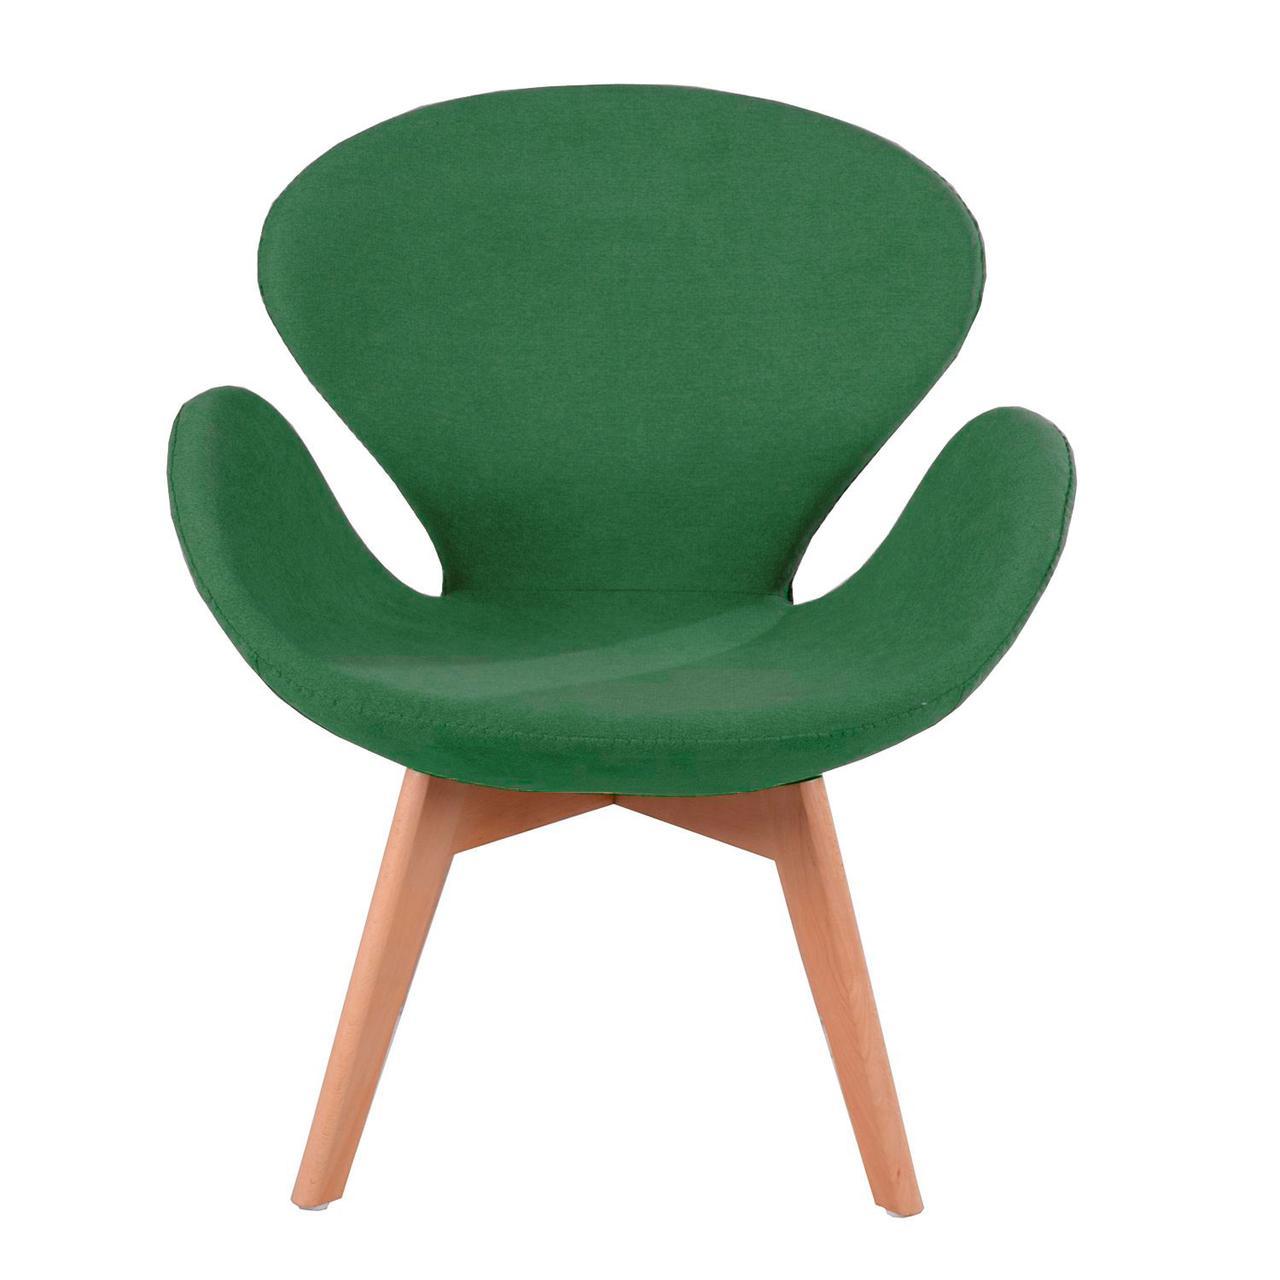 Кресло Сван Вуд Армз SDM, ножки дерево бук, ткань, цвет зеленый